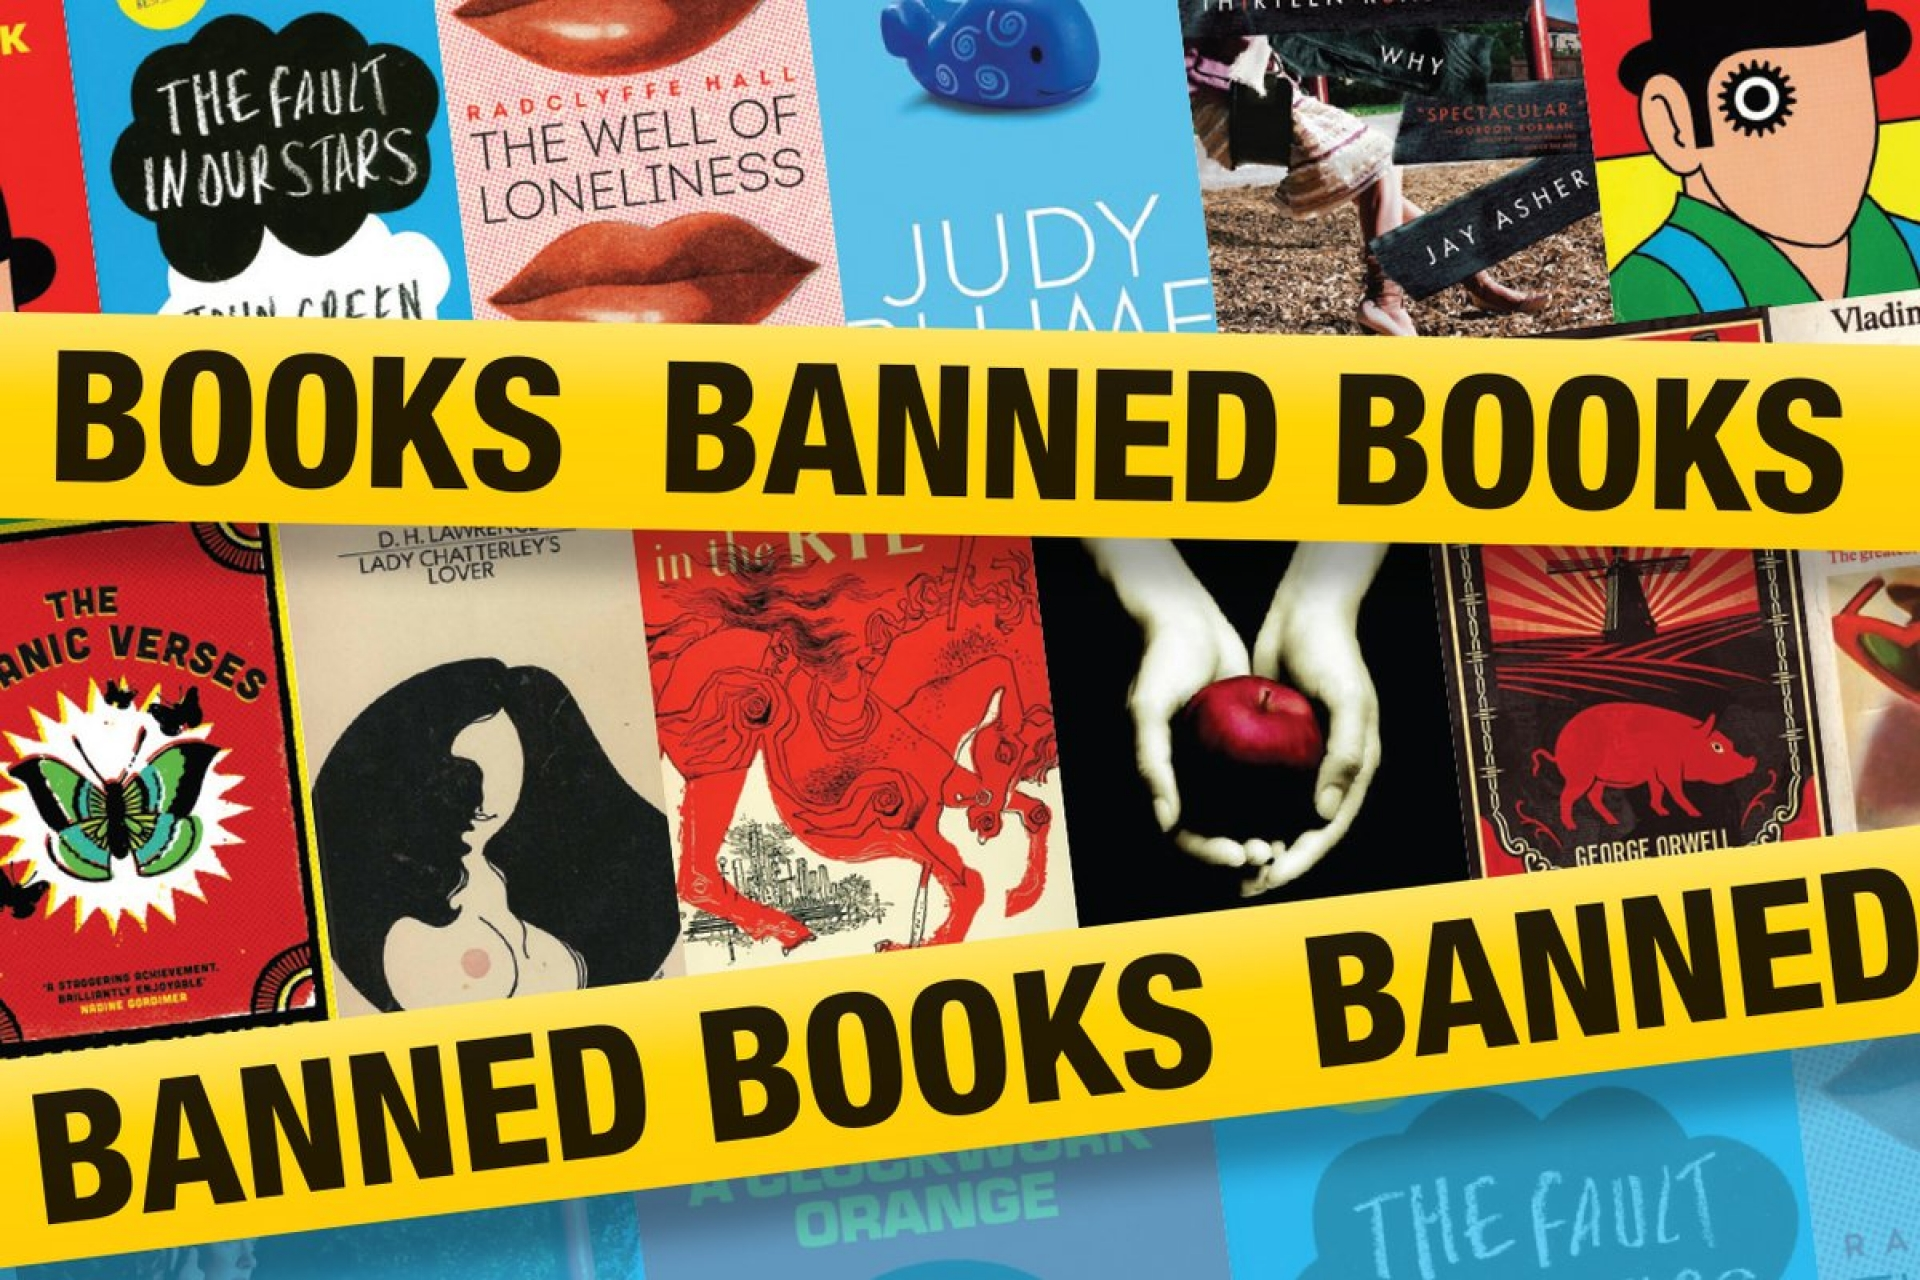 Banned Books Week UK